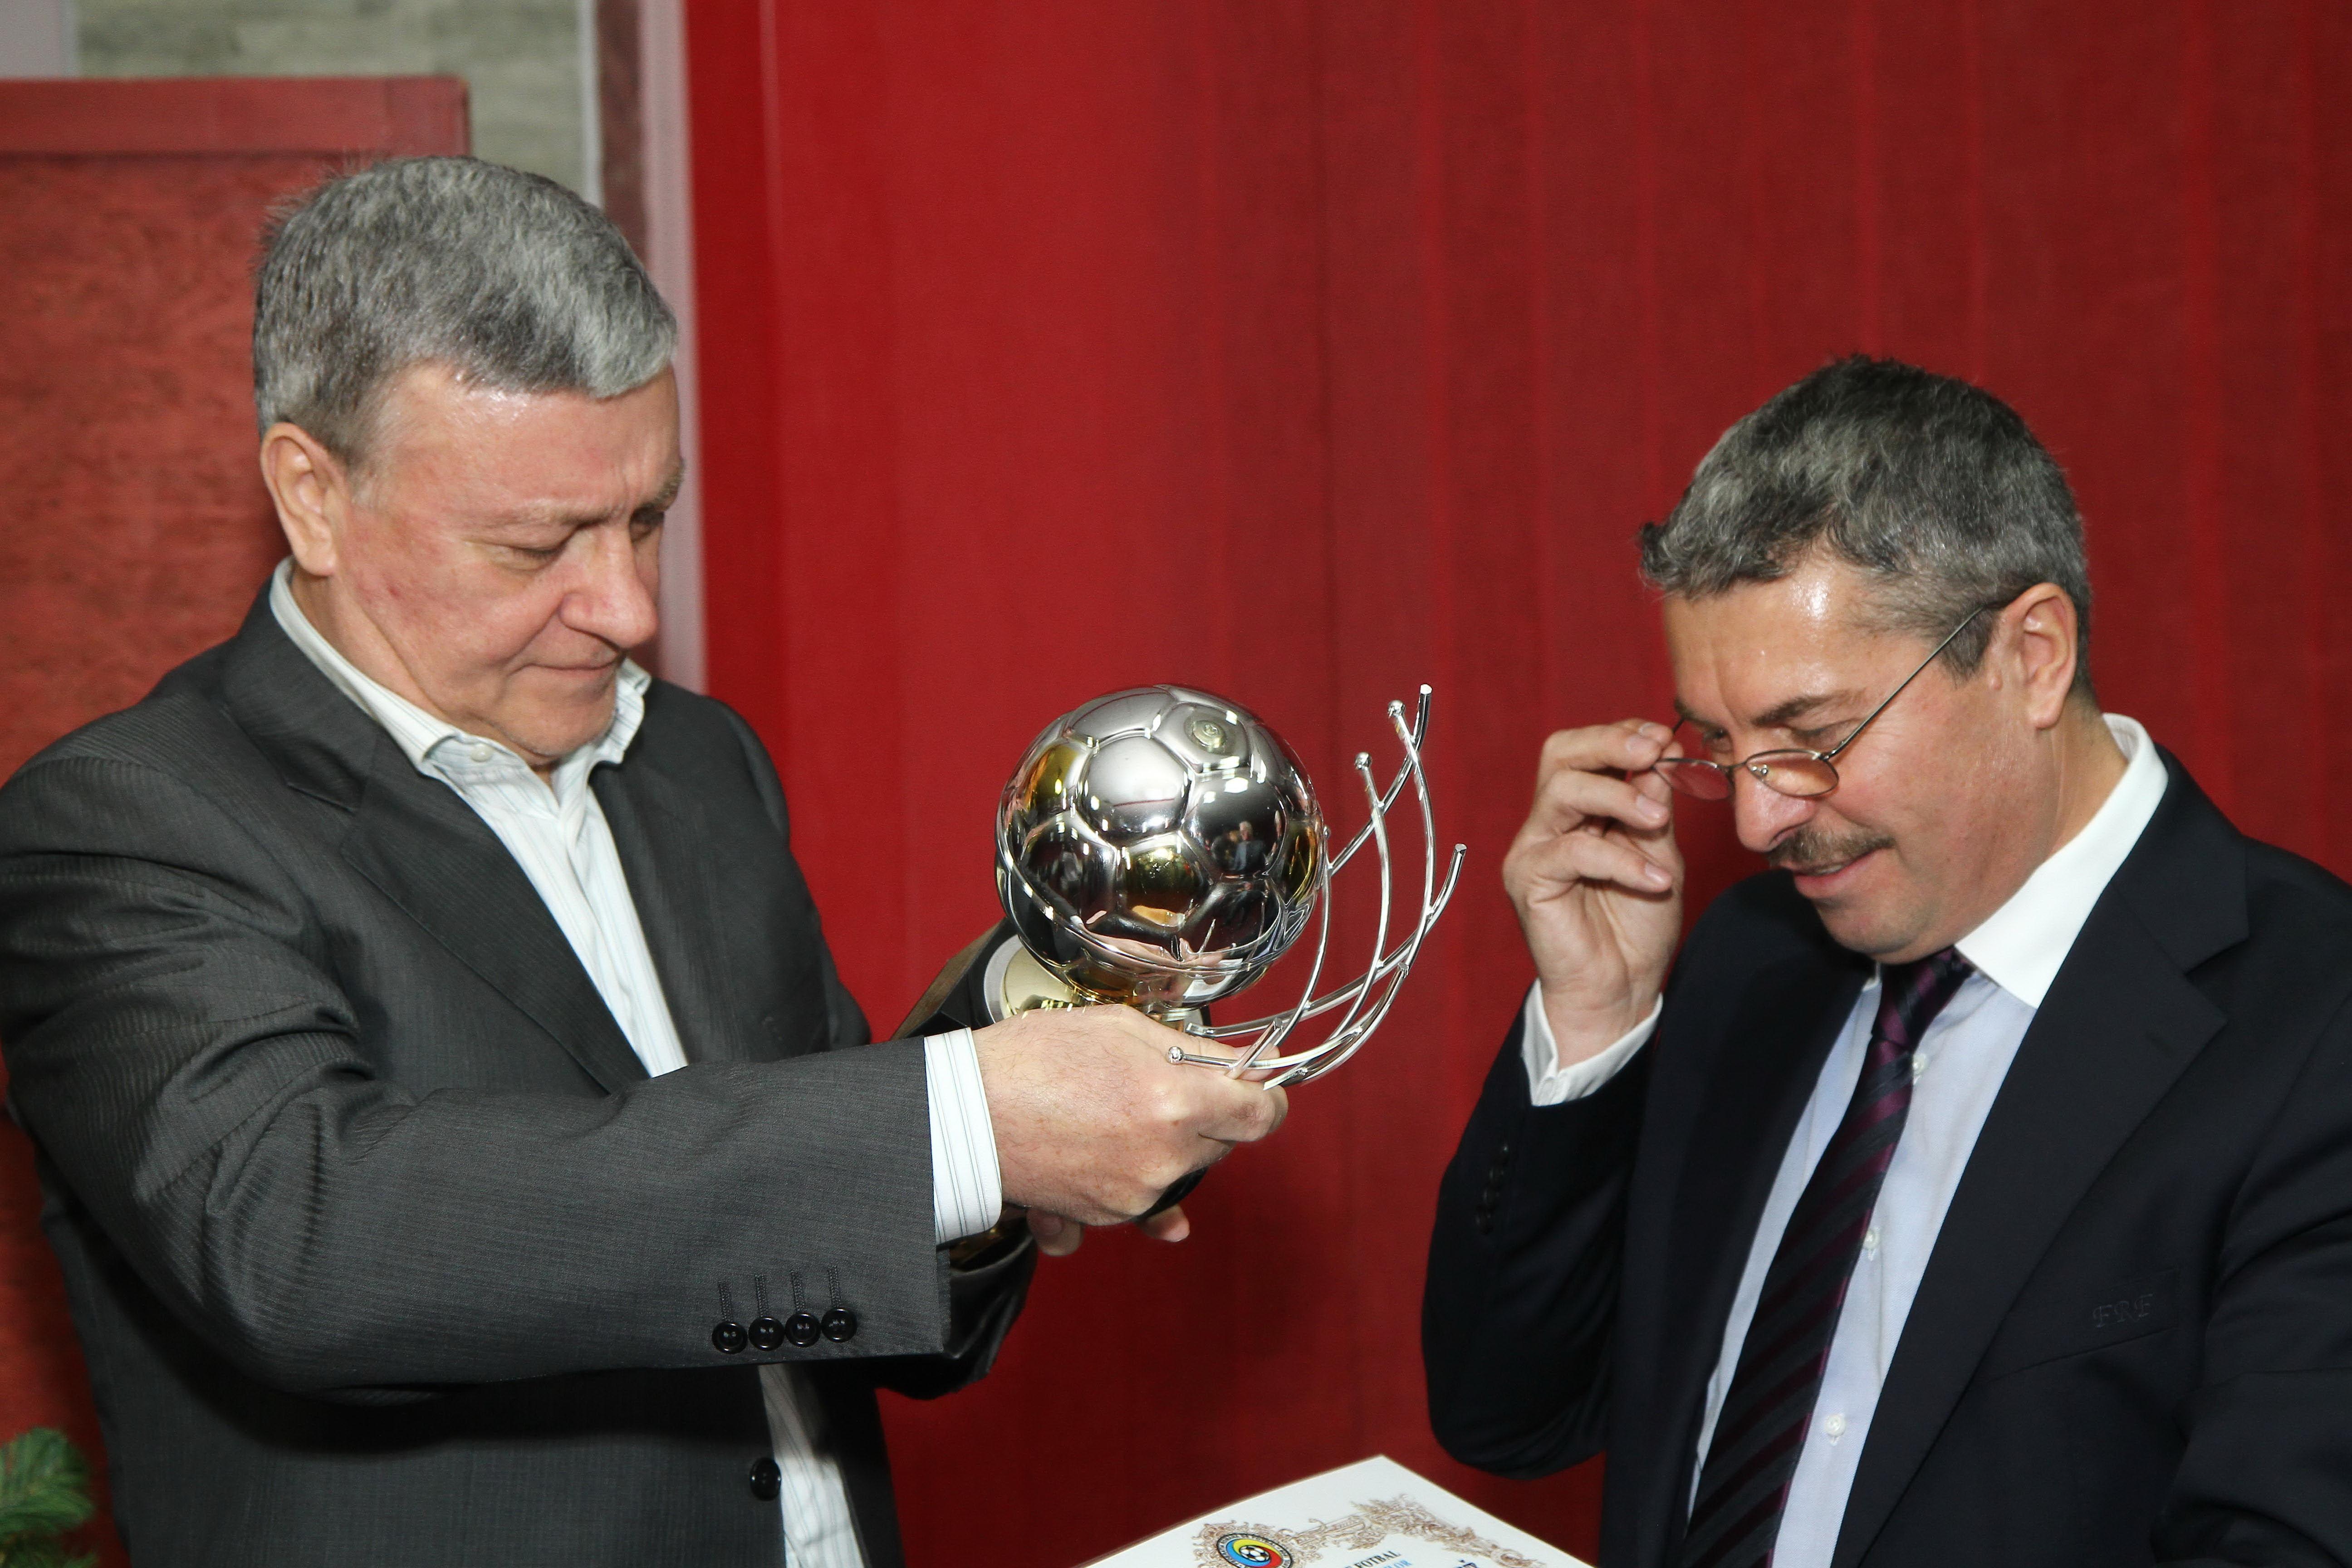 De ce crede Mircea Sandu ca seful arbitrilor n-a luat mita: